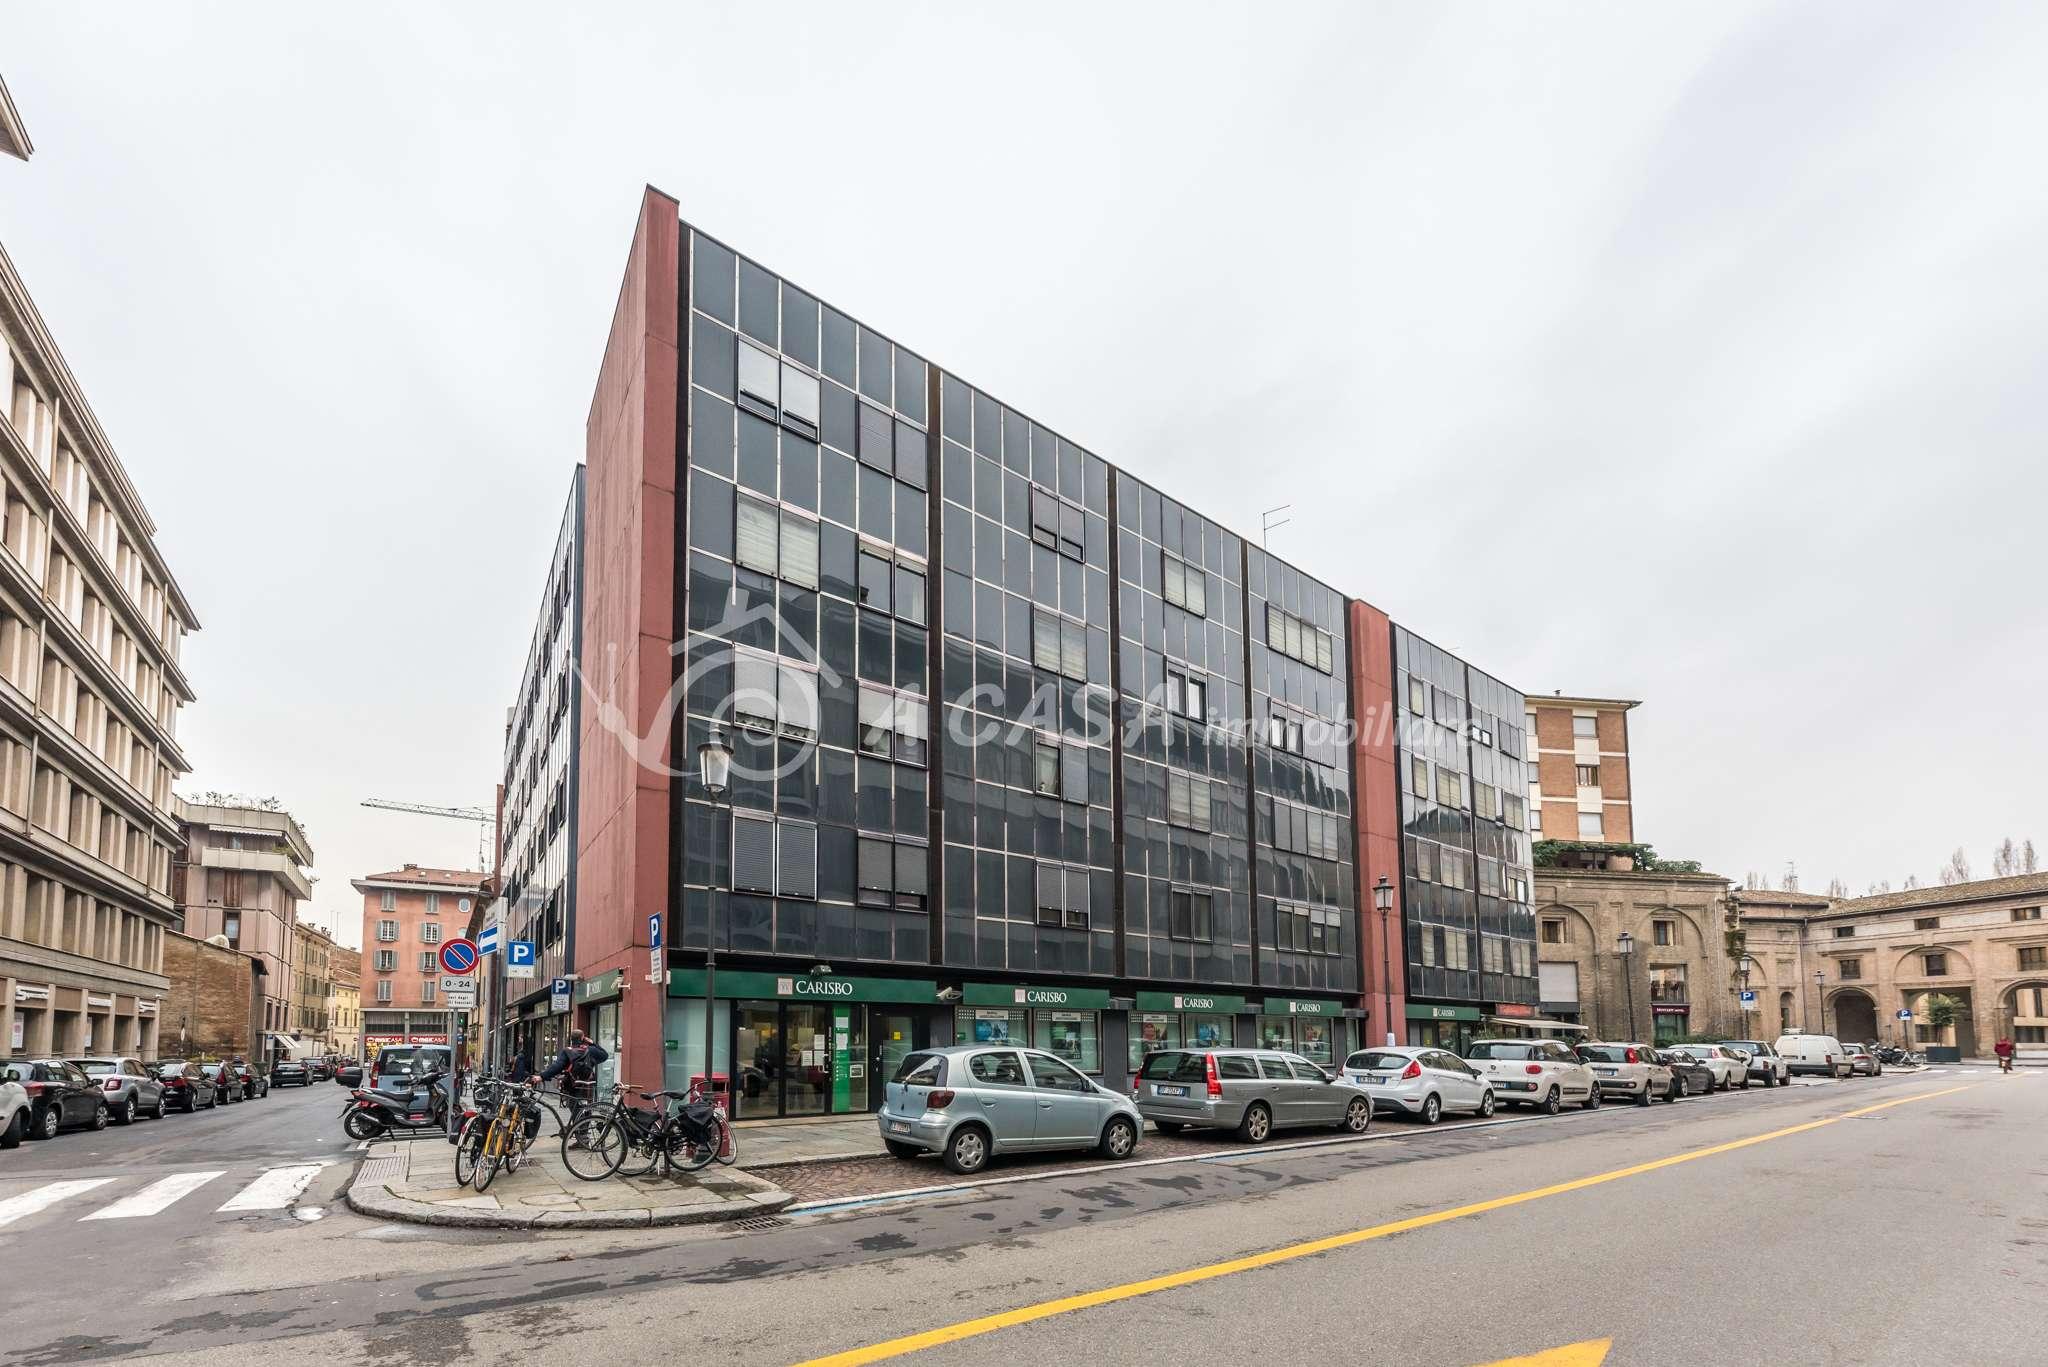 Ufficio / Studio in affitto a Parma, 4 locali, prezzo € 1.500   CambioCasa.it